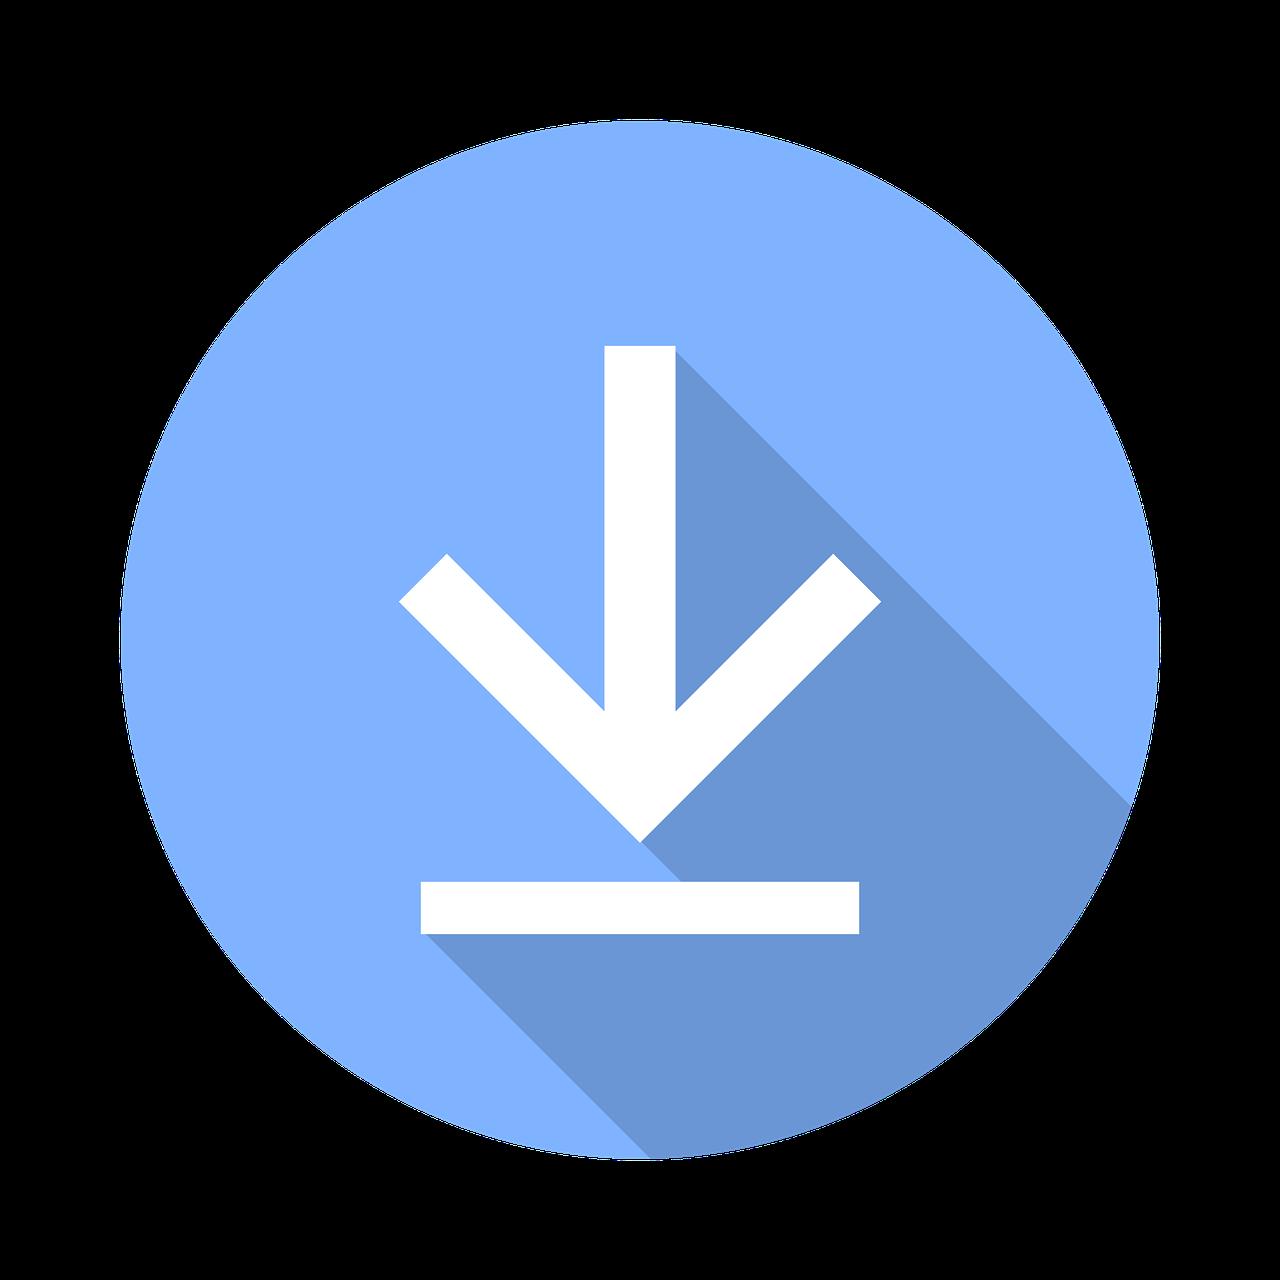 طريقة تحميل الفيديوهات من أي موقع على الجوال من خلال تطبيق